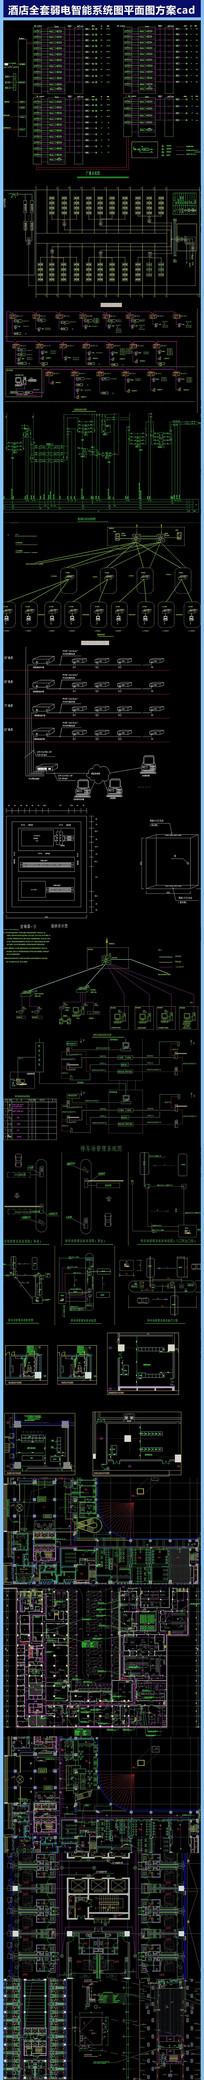 酒店全套弱电智能系统图平面图方案cad